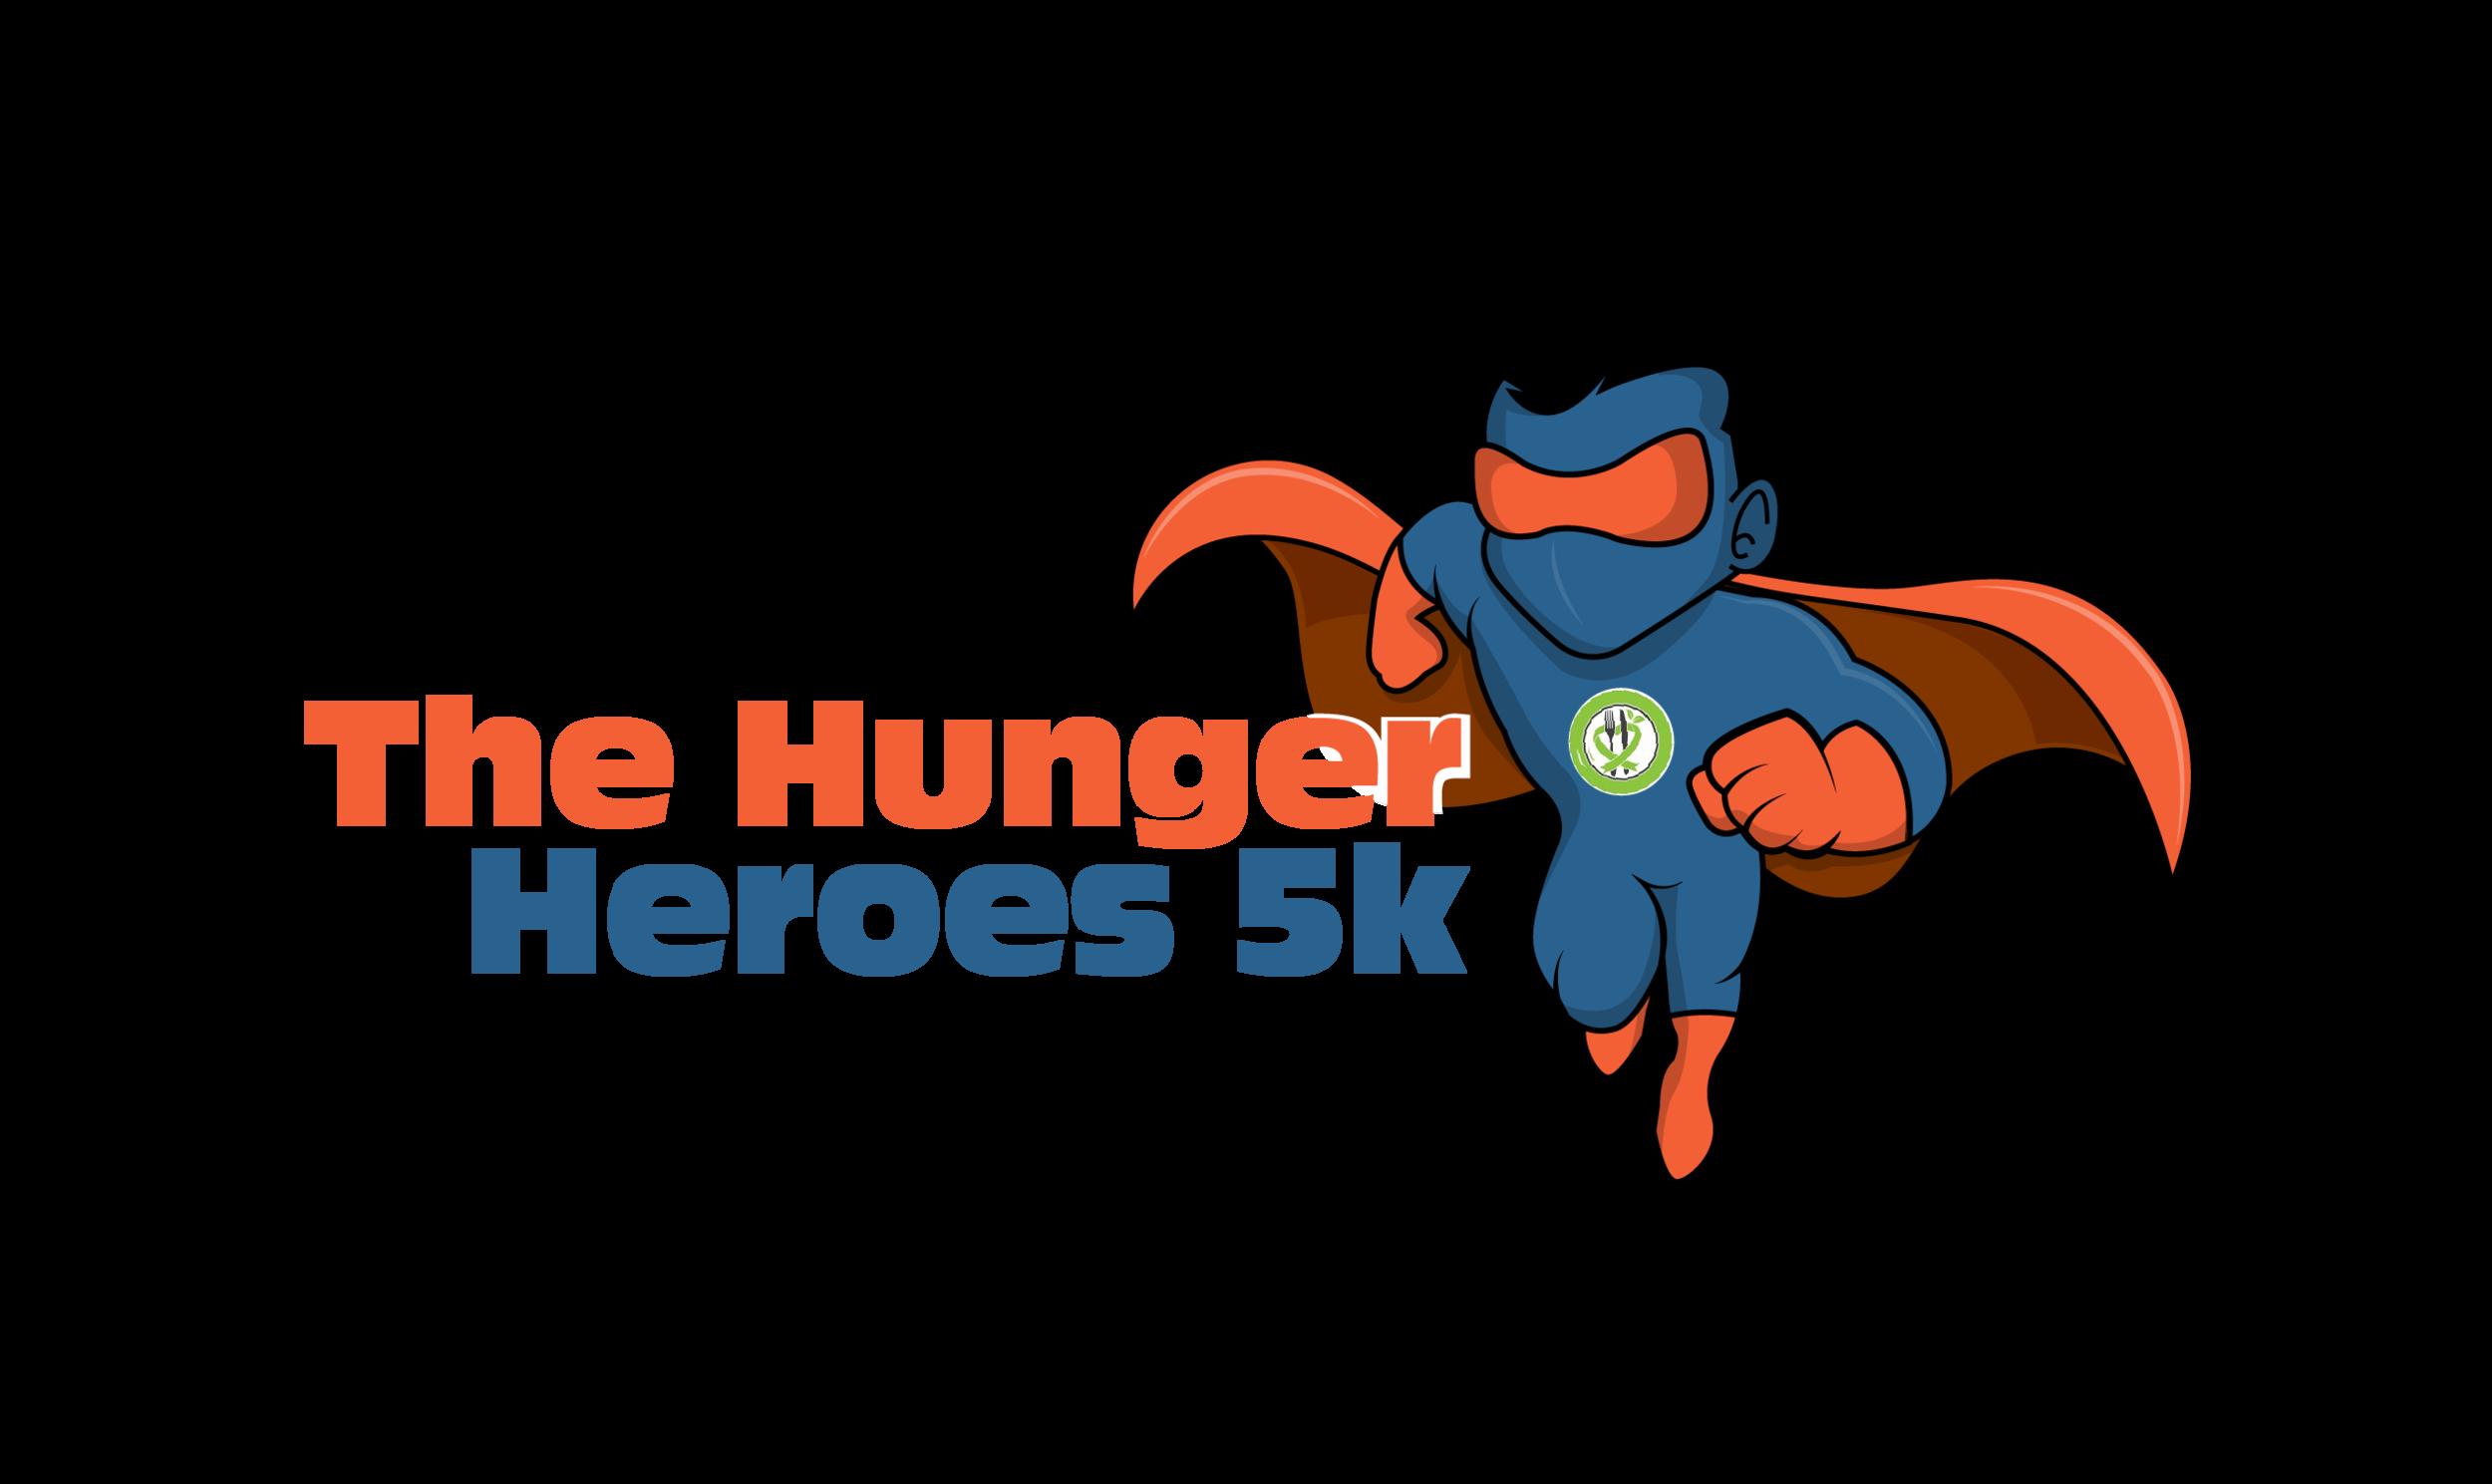 Hunger Heroes 5K